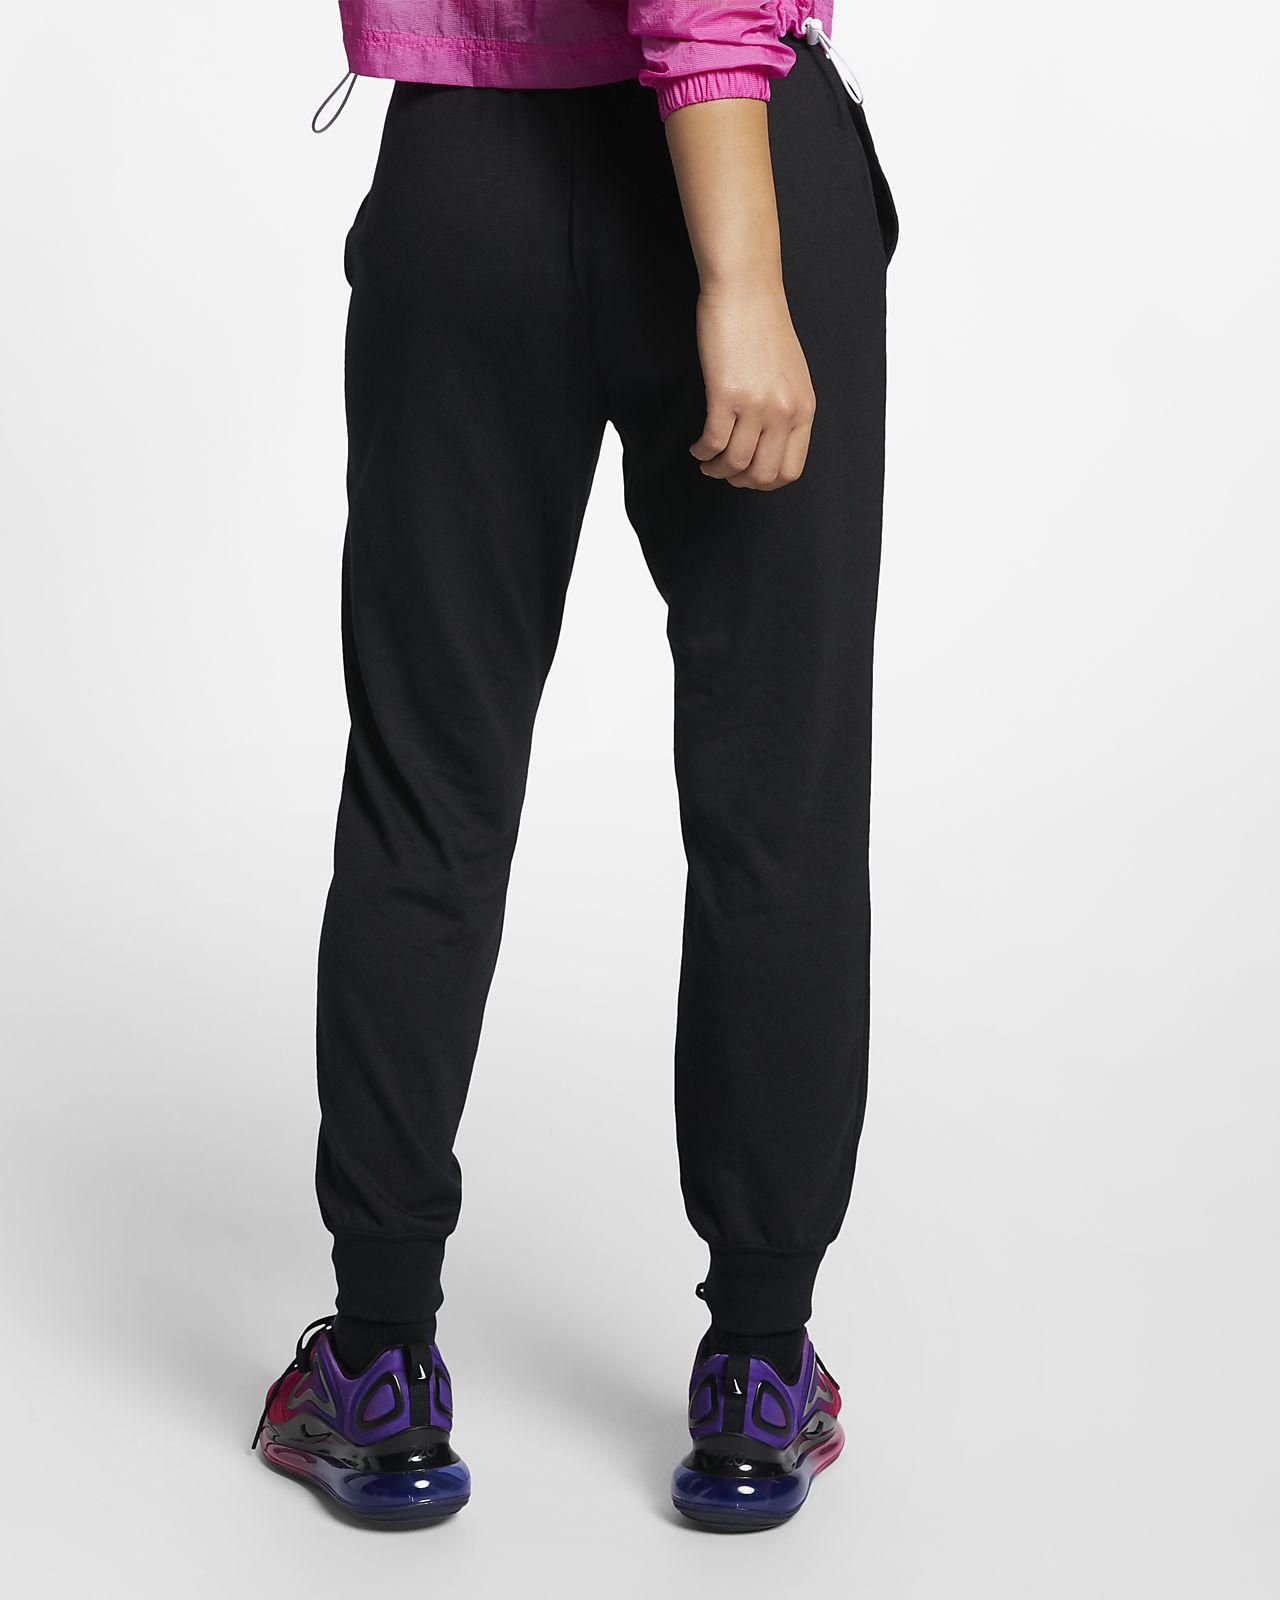 a41170edca67 Low Resolution Nike Sportswear Women s Jersey Pants Nike Sportswear Women s  Jersey Pants